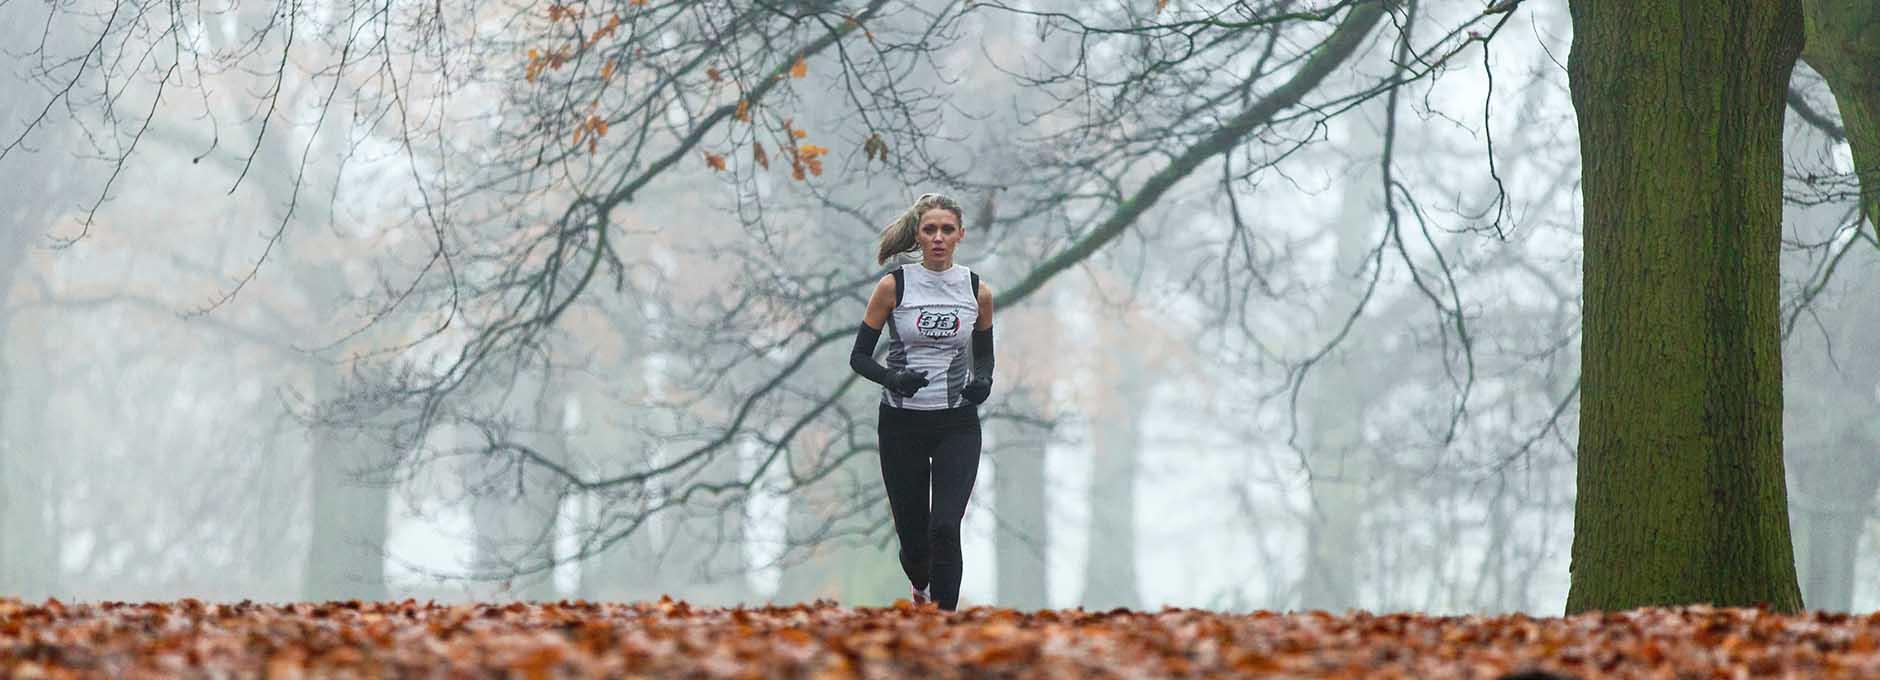 Runner in Richmond Park